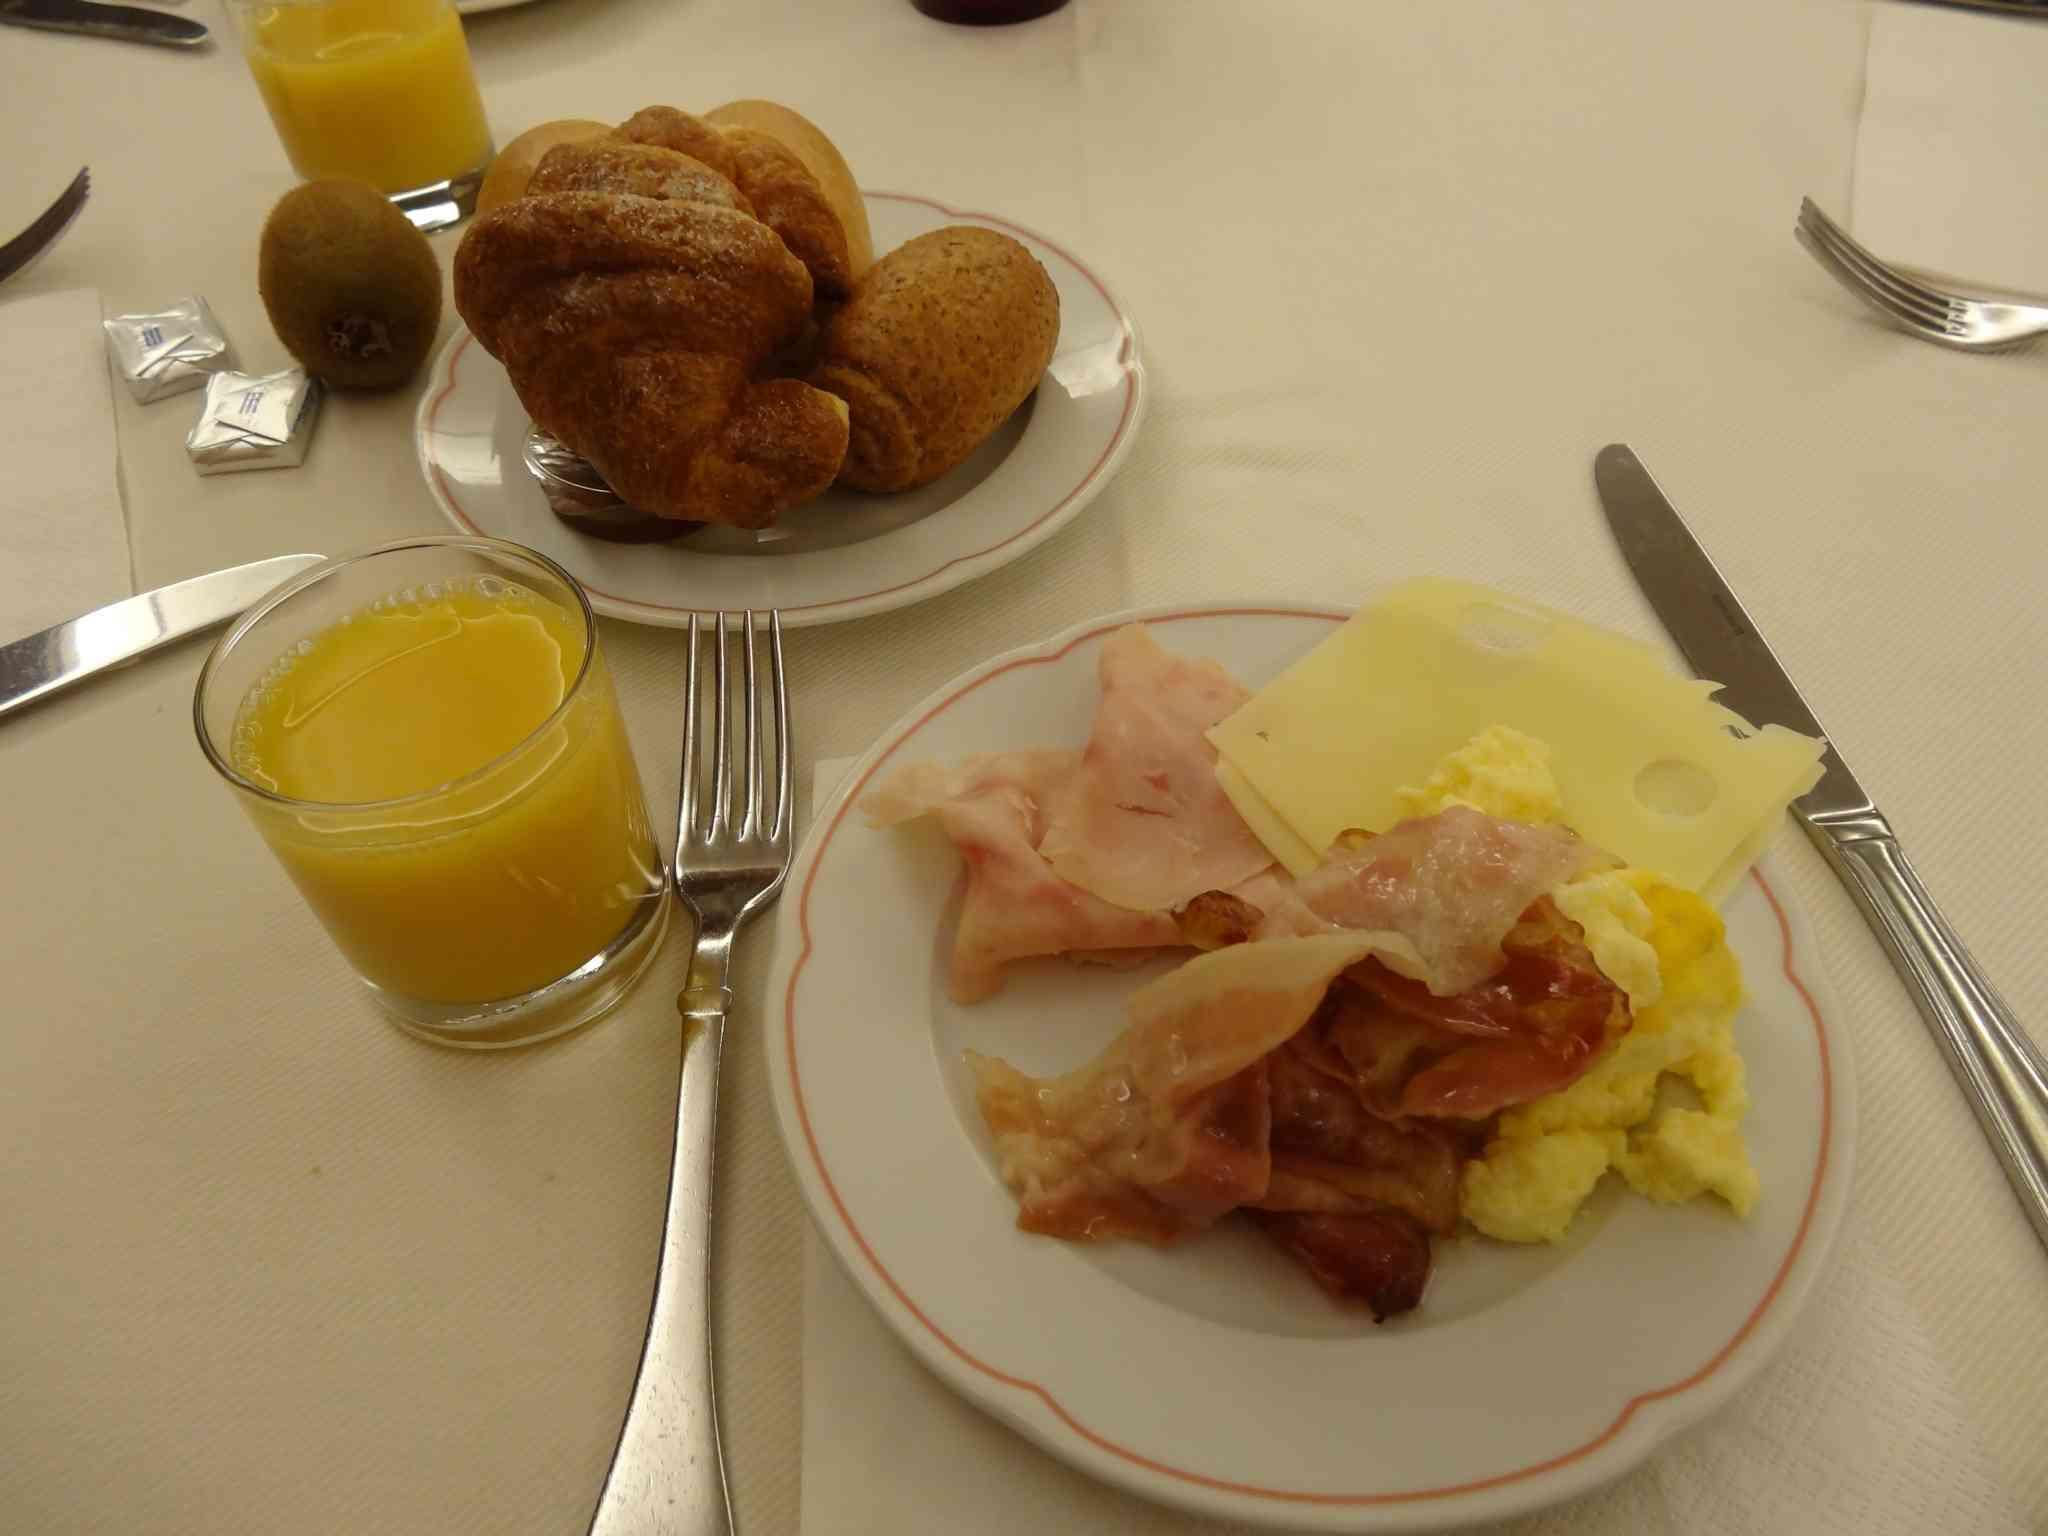 朝ごはん。いつもどんなものを作っていますか?